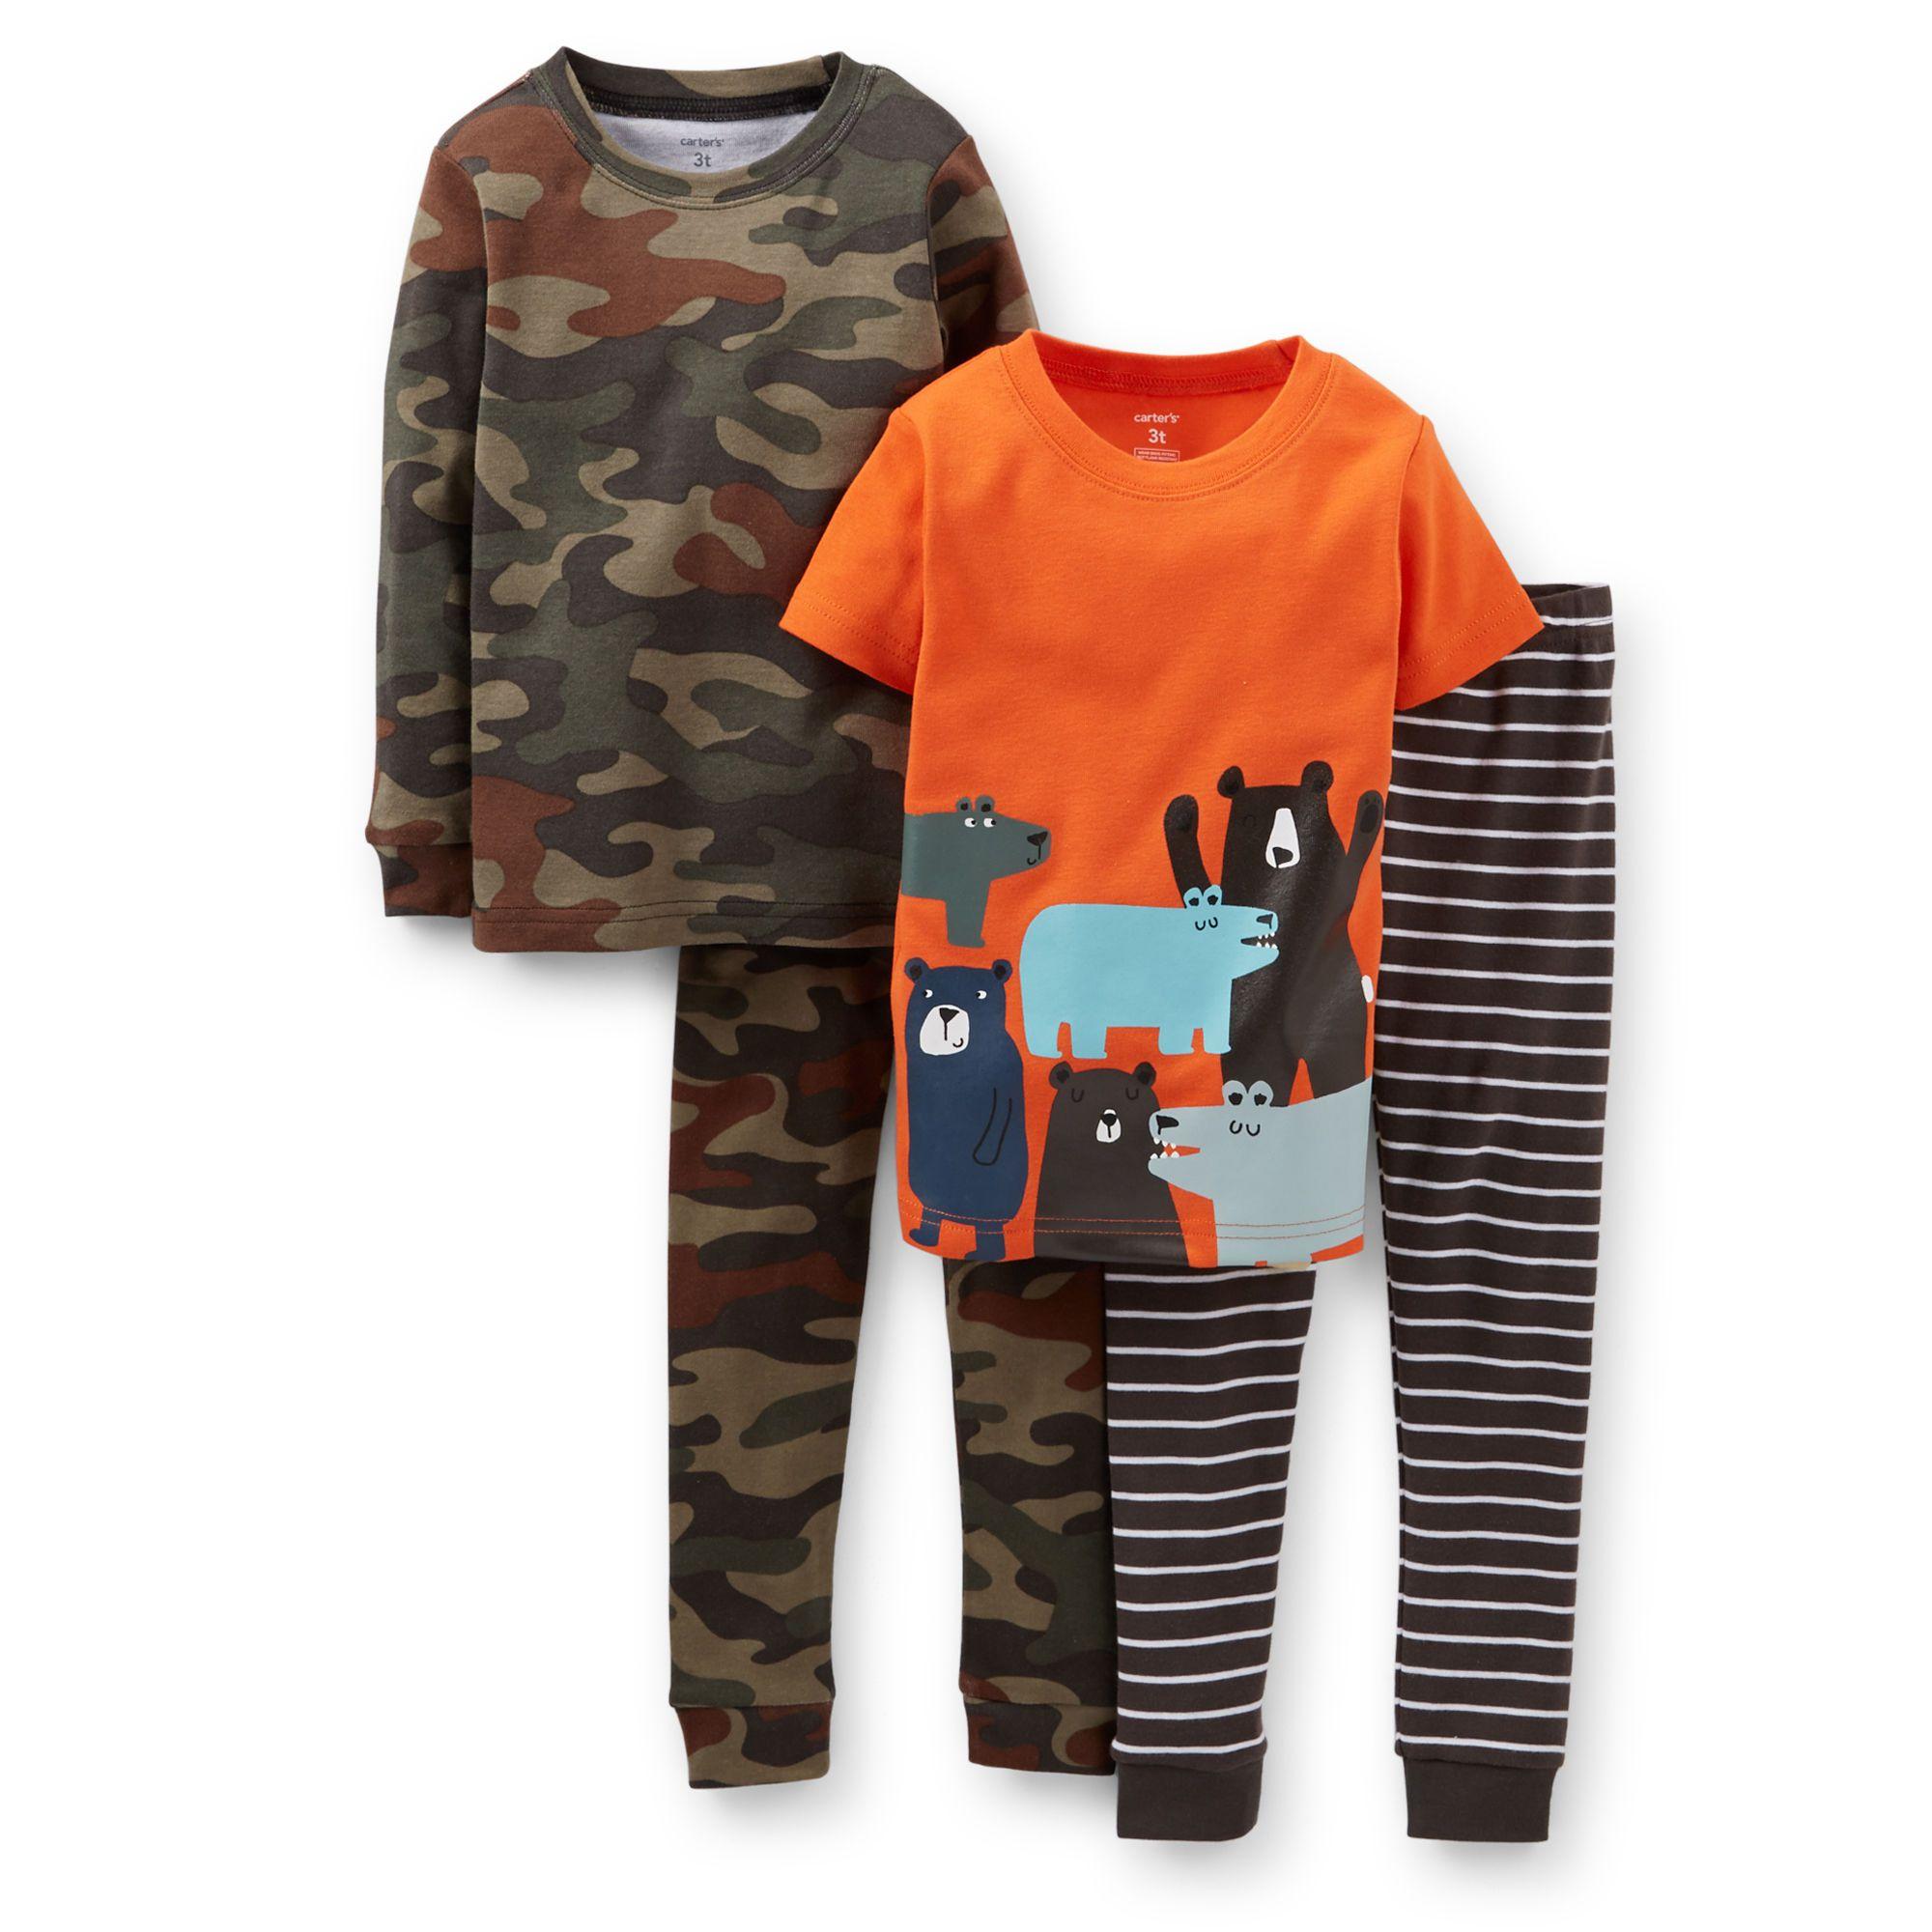 Pijama infantil carter's ursos